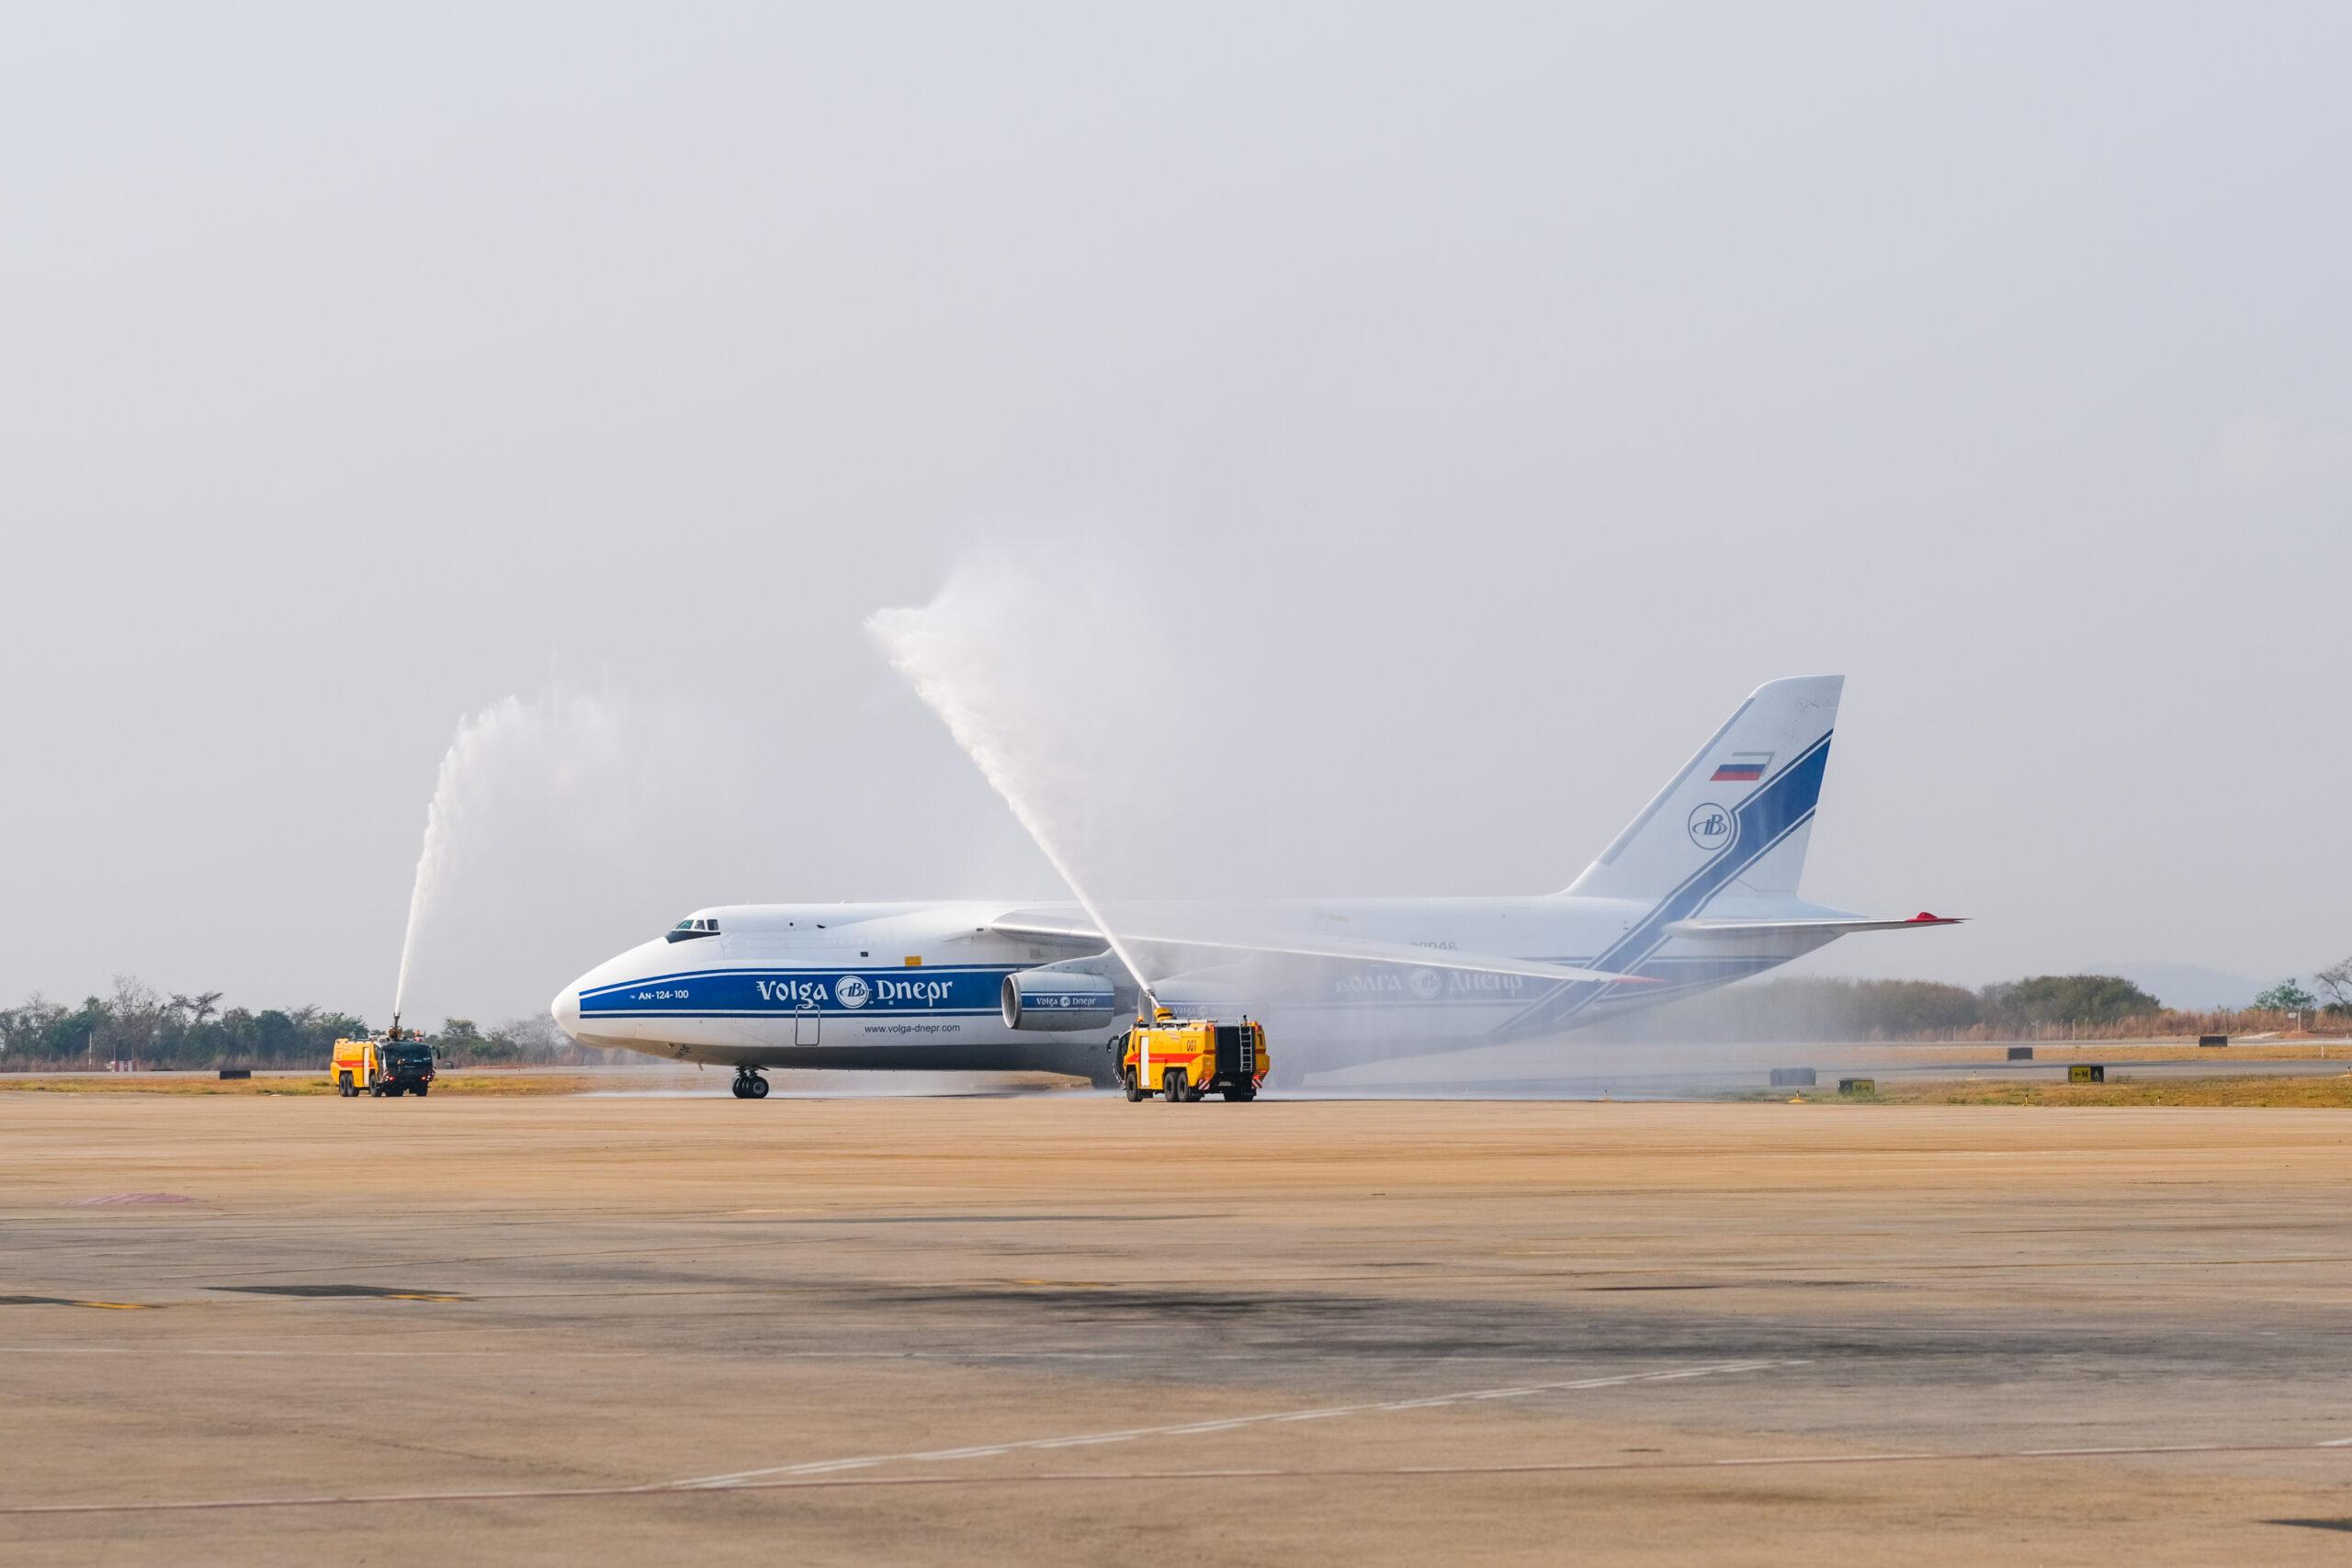 Antonov AN-124, segundo maior avião de cargas do mundo